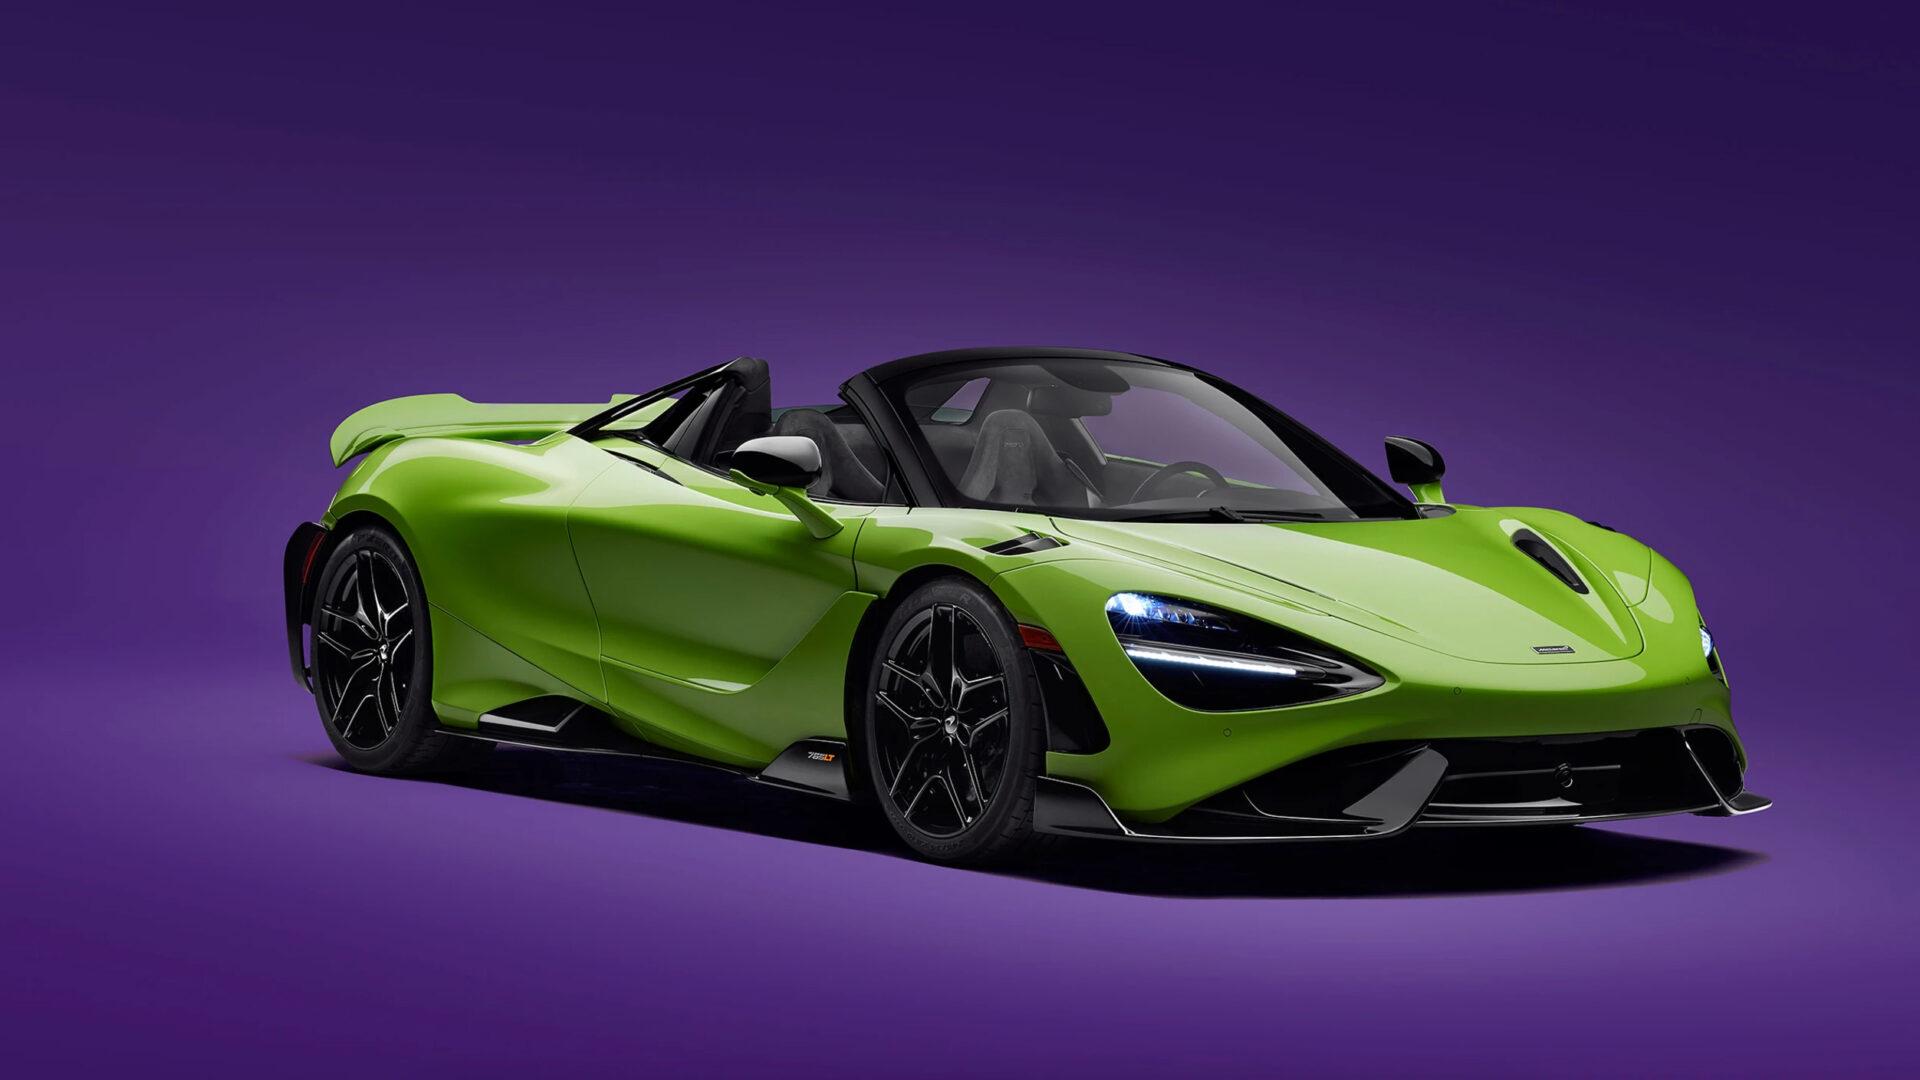 Nuevo McLaren 765 LT Spider 2021: el descapotable más radical de Woking